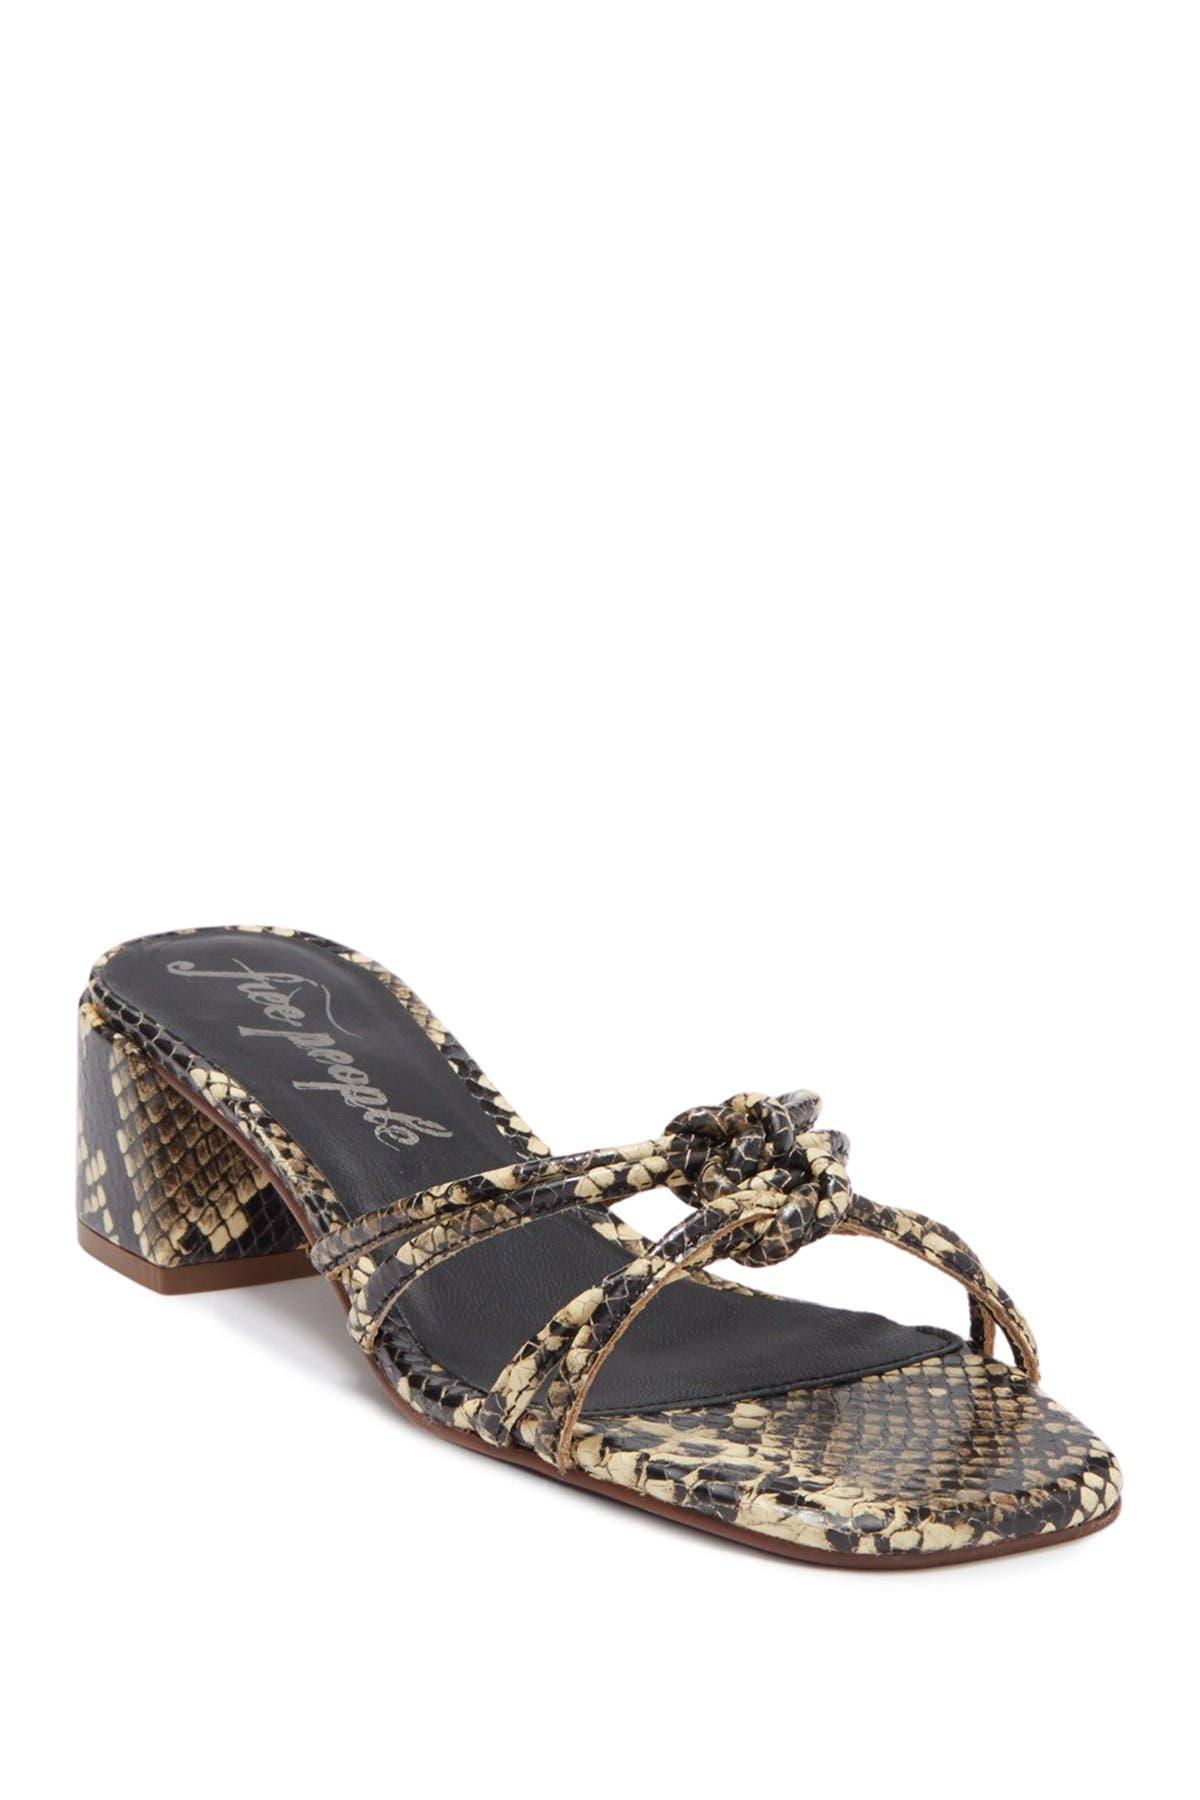 Image of Free People Petra Embossed Block Heel Sandal